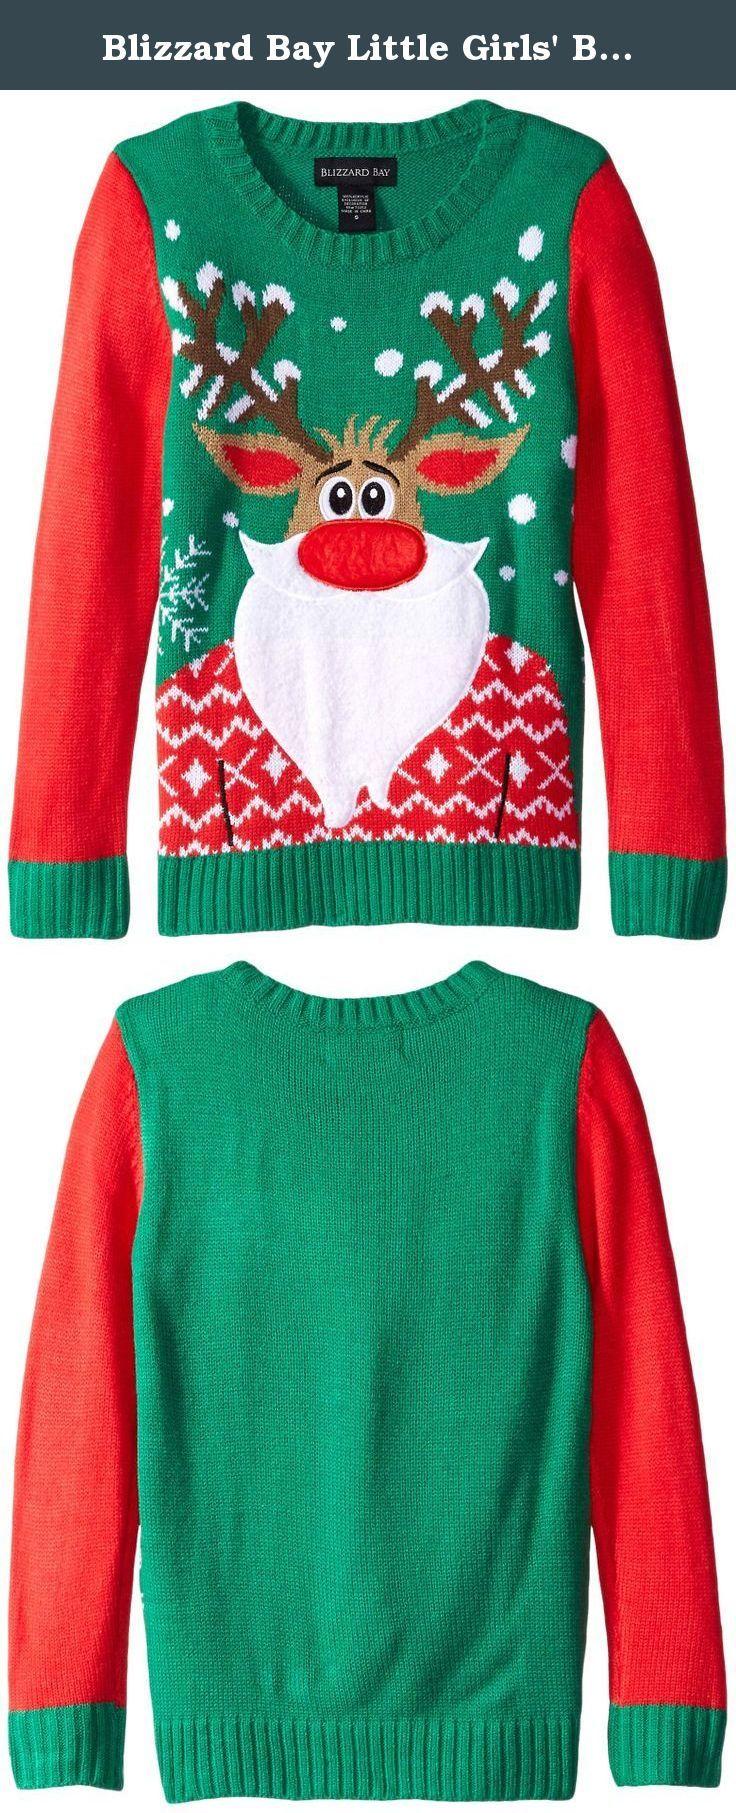 Blizzard Bay Little Girls' Bearded Rudolph Christmas Sweater ...